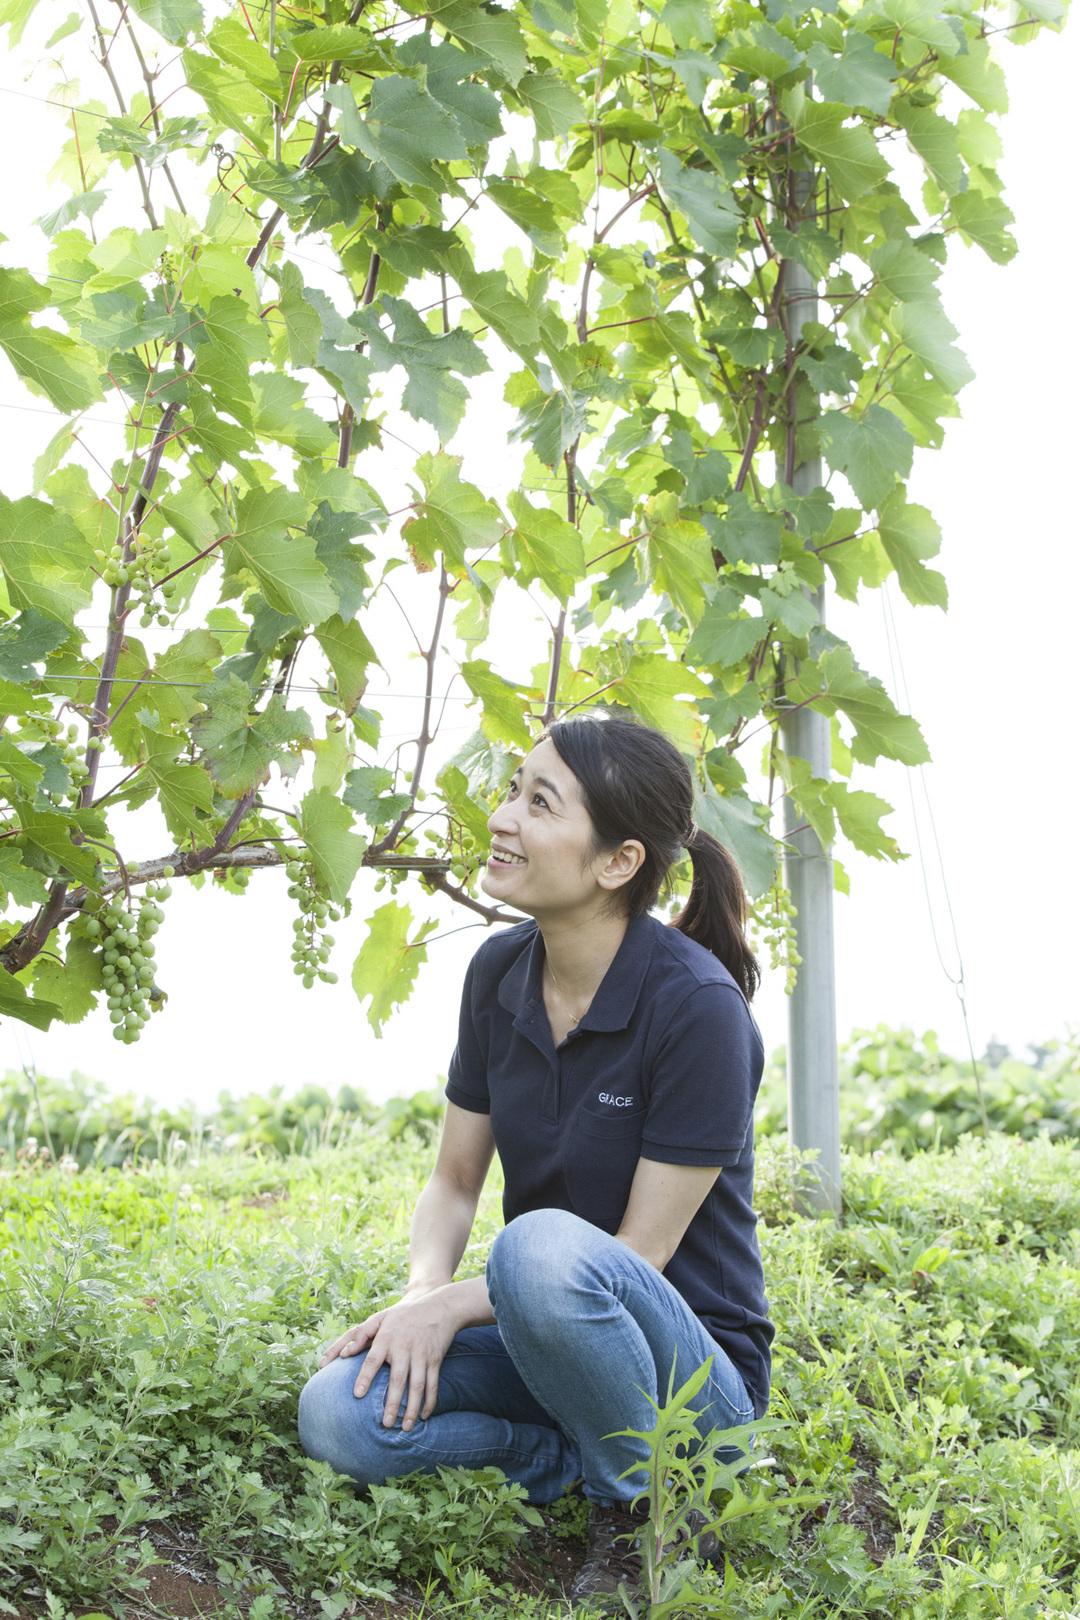 「スモール・イズ・ビューティフル」を胸に、世界に認められるワインを造り続ける! グレイスワインの三澤彩奈さん